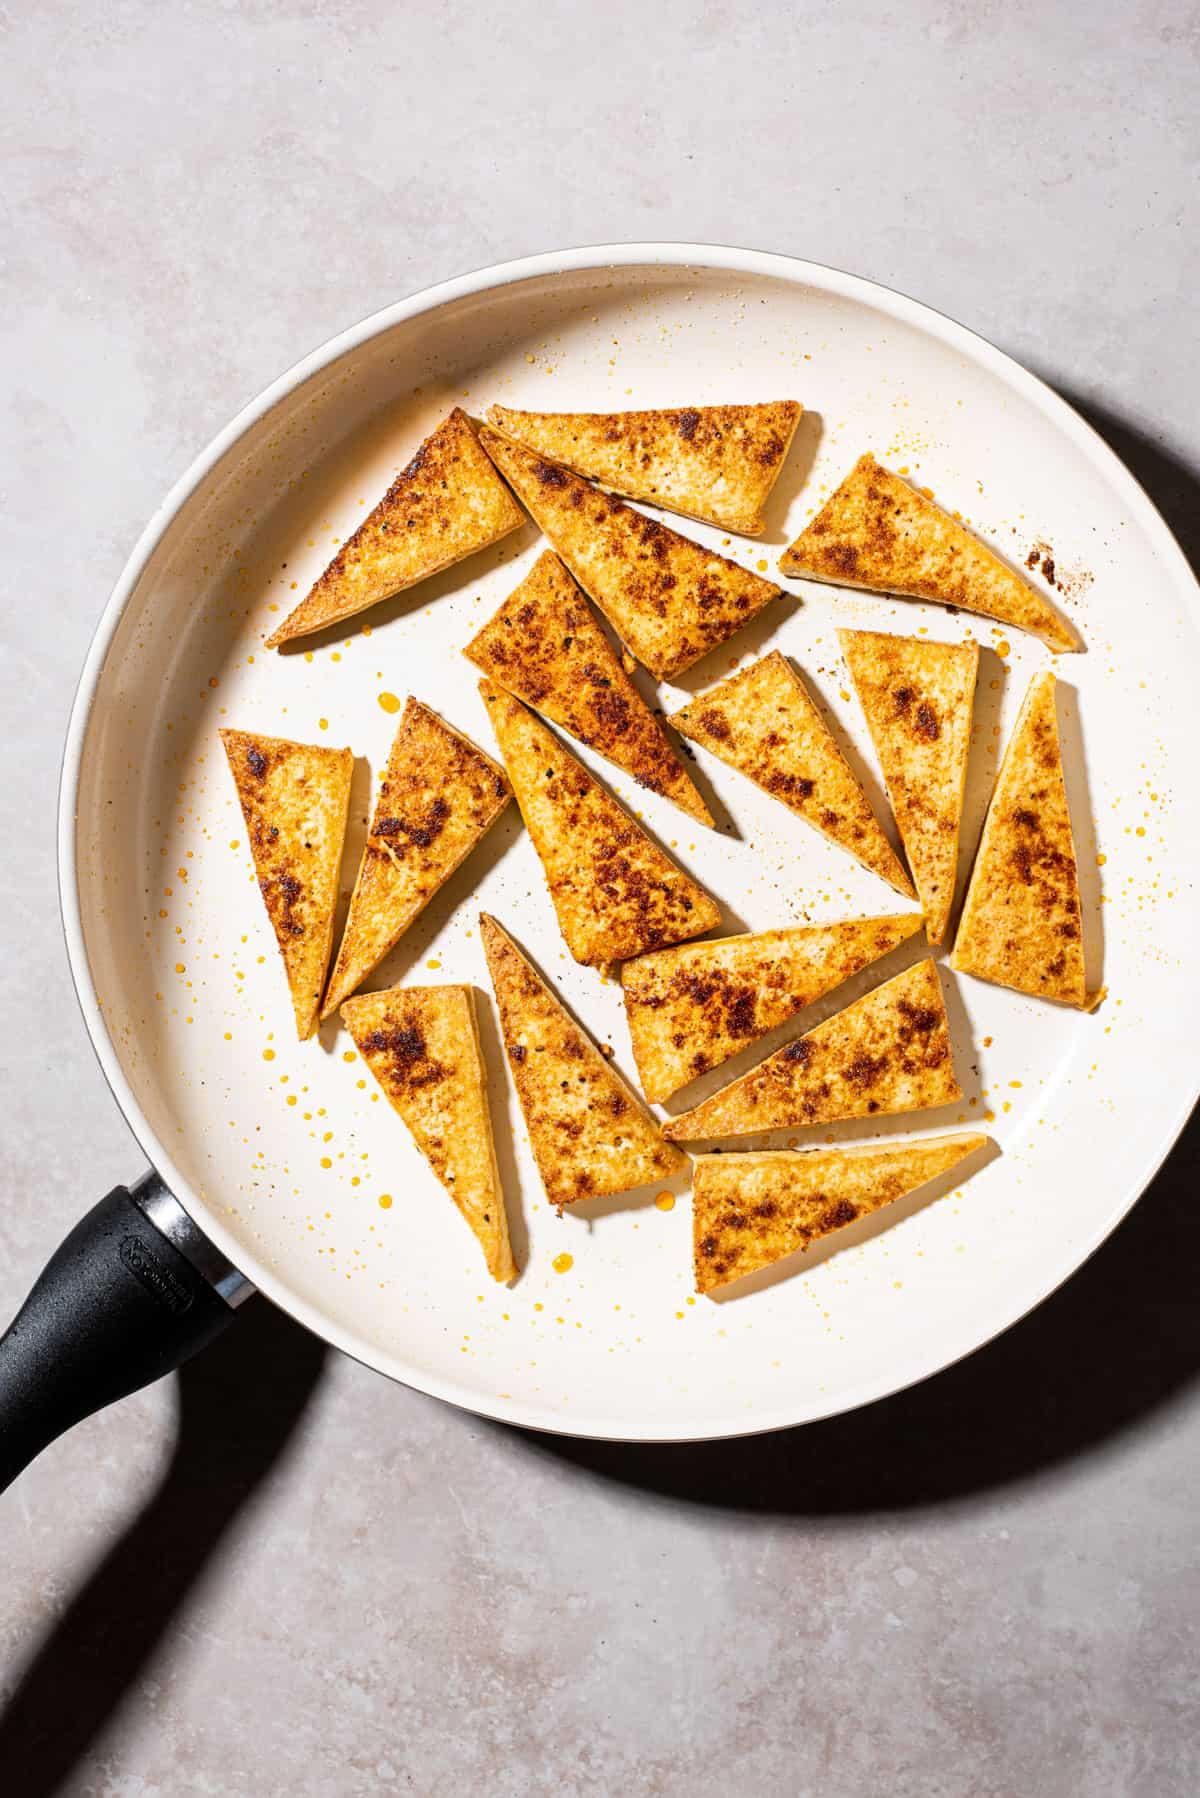 Seared tofu triangles in a non-stick skillet.